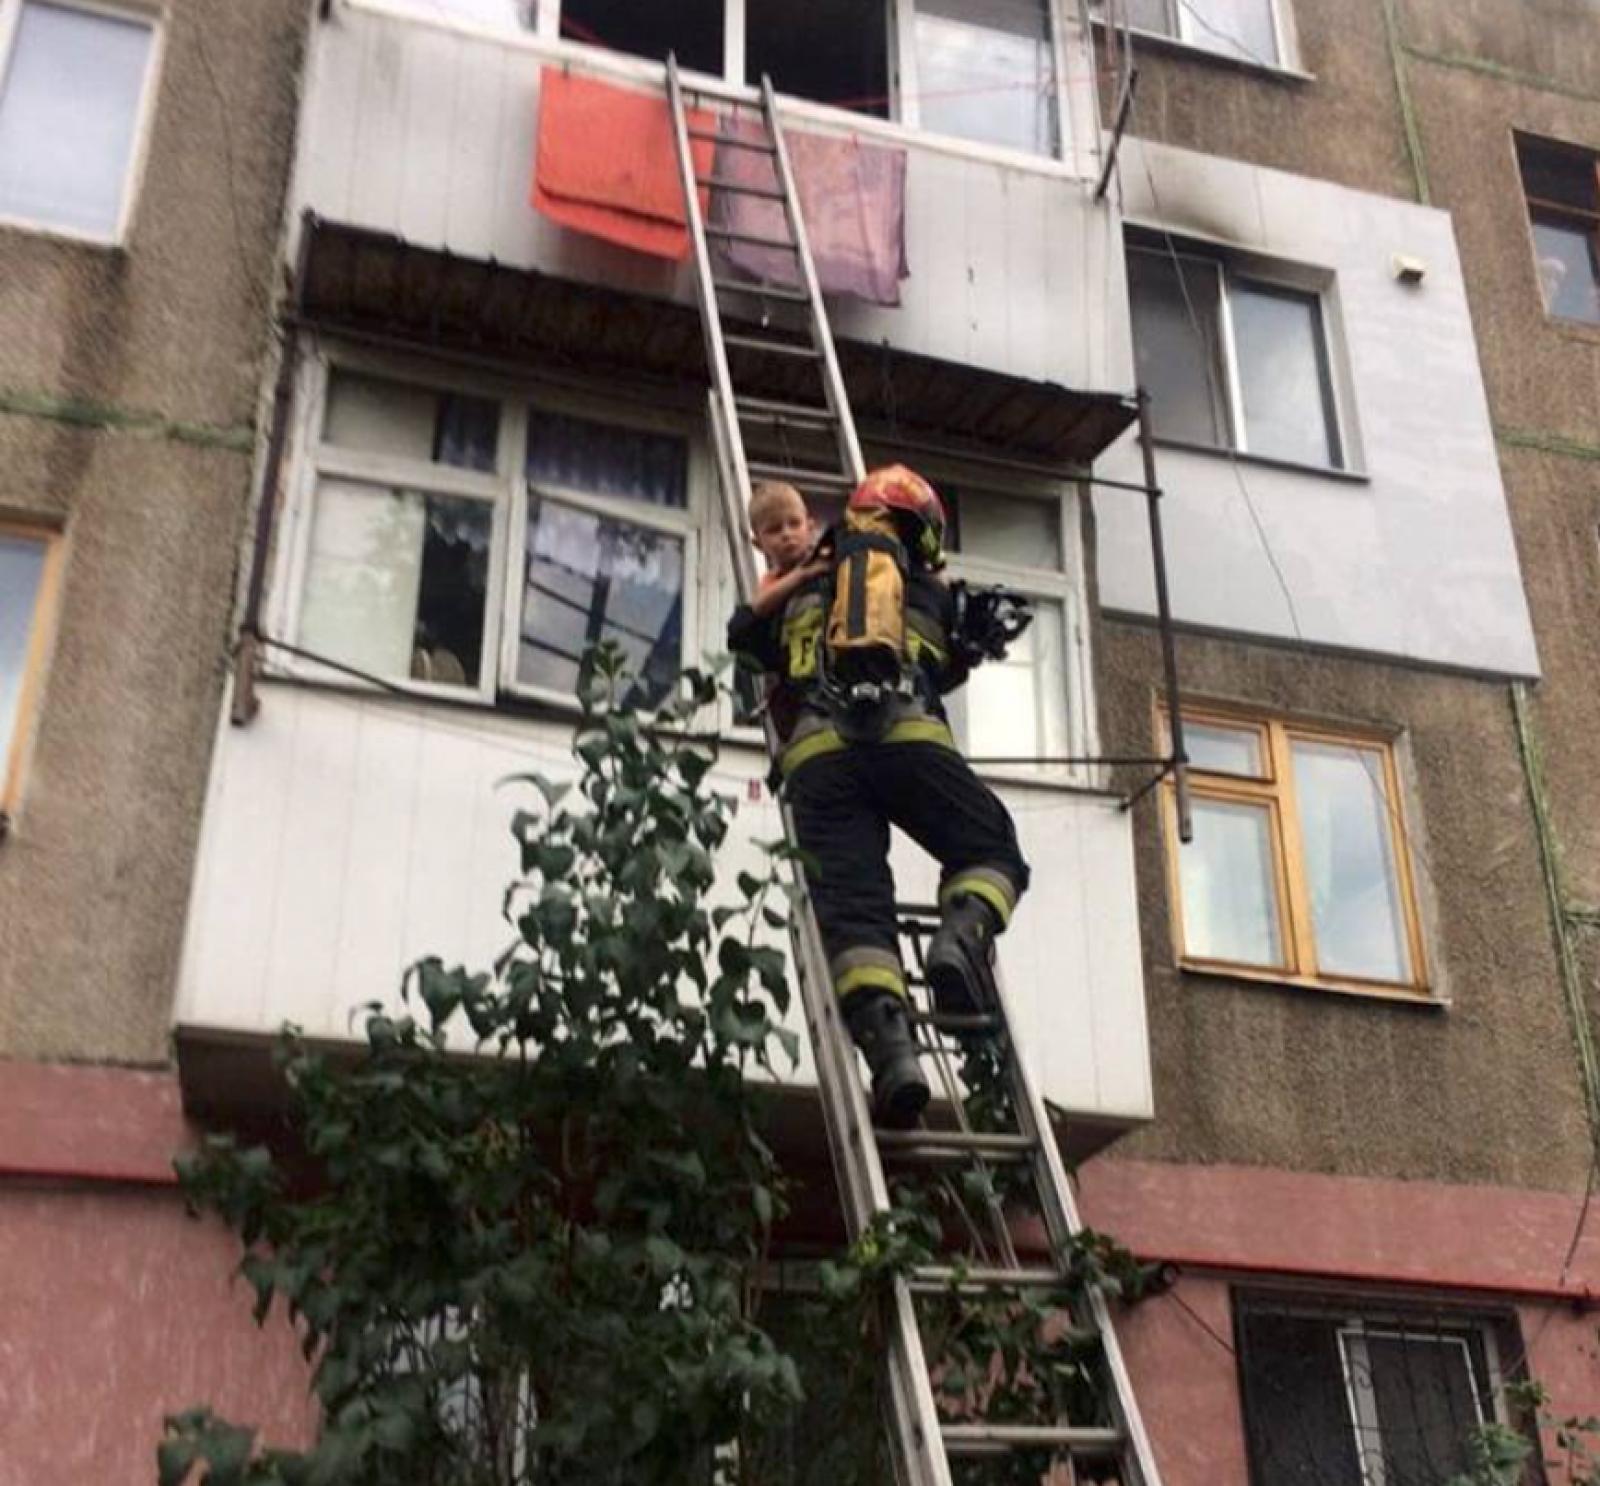 (video) Panică în curtea unui bloc de locuit din sectorul Botanica. Un copil de 5 ani, blocat în apartament, în timpul unui incendiu